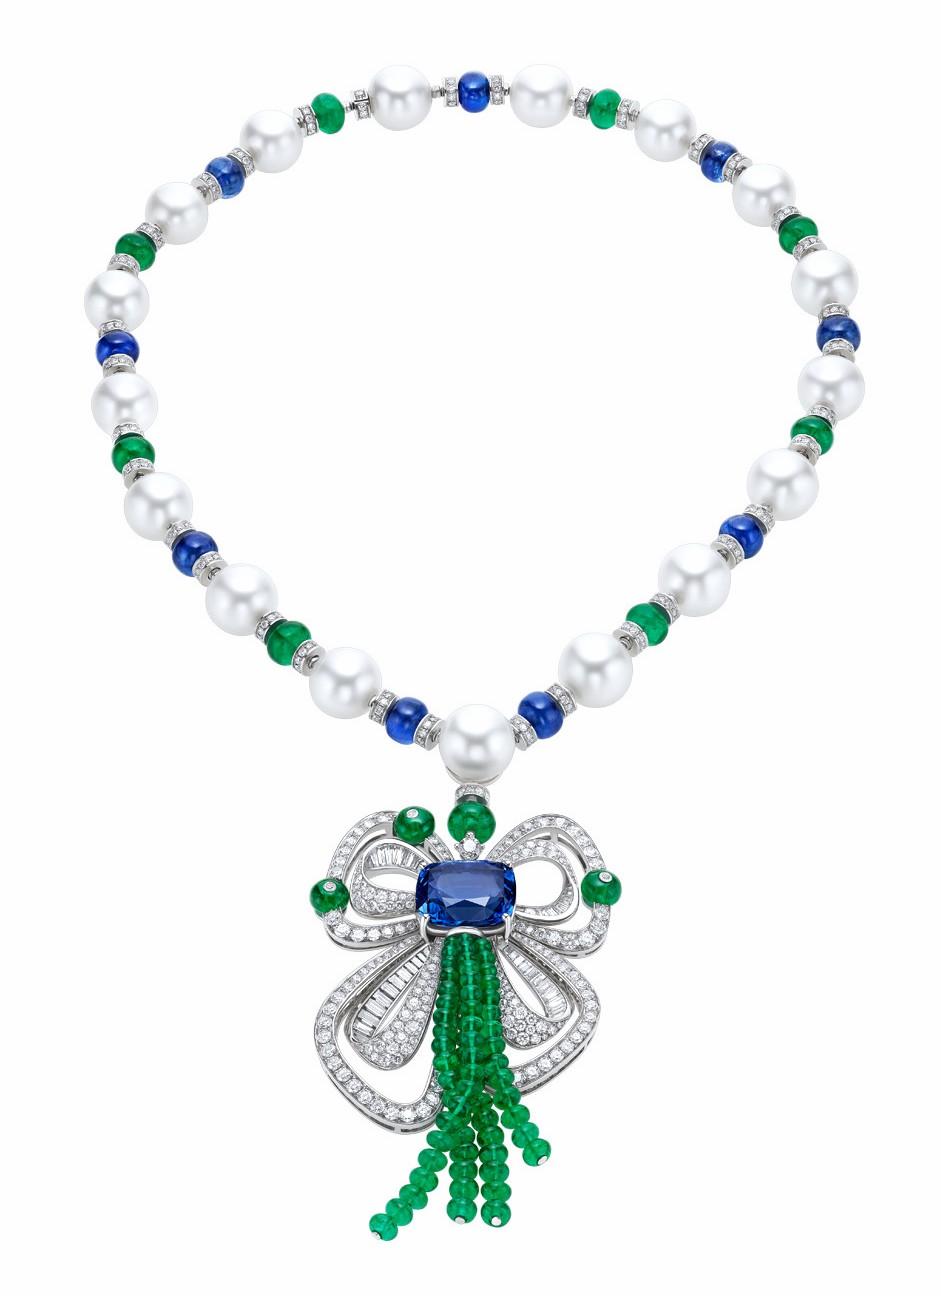 珠宝手链设计手稿